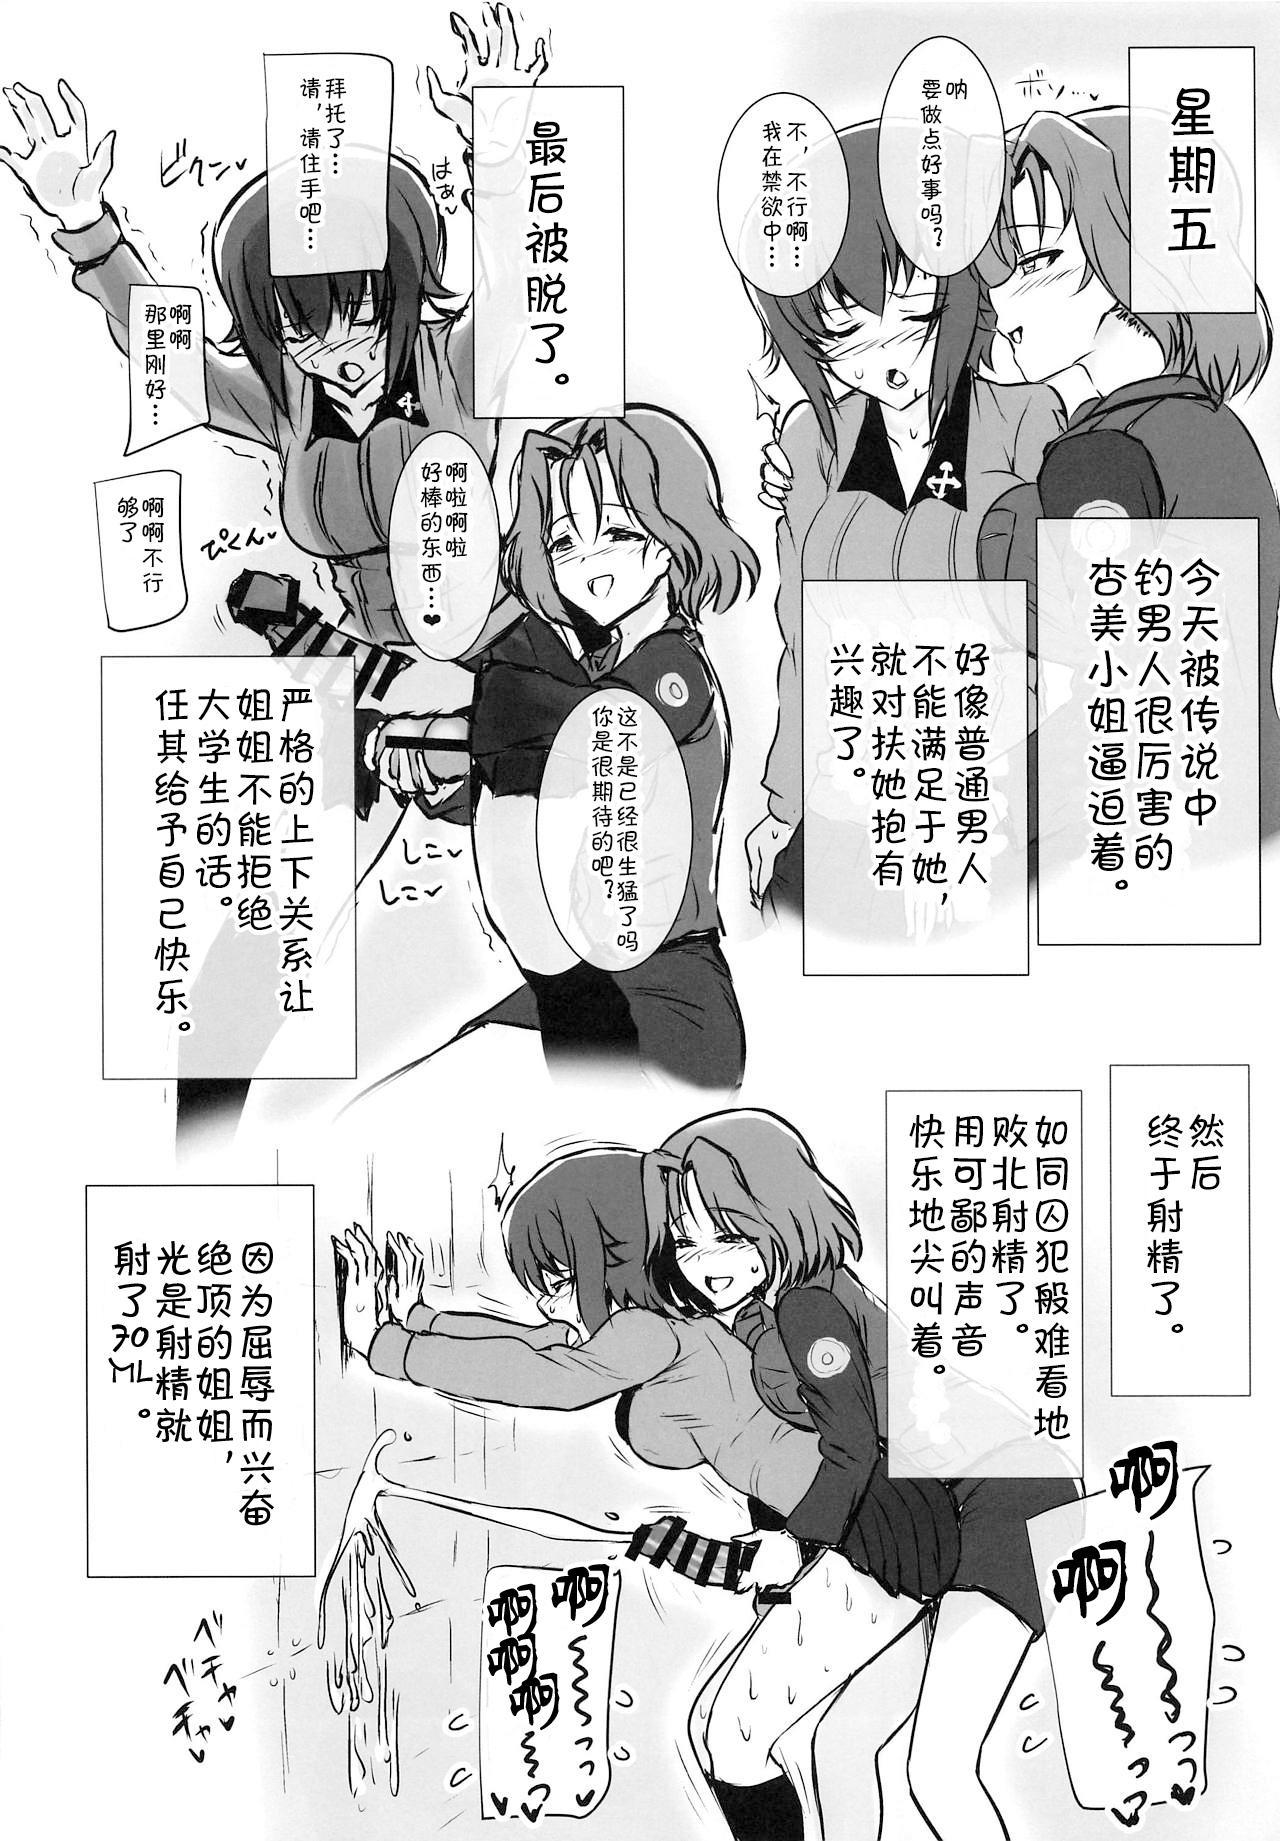 Futa Maho Seiyoku Nikki 11